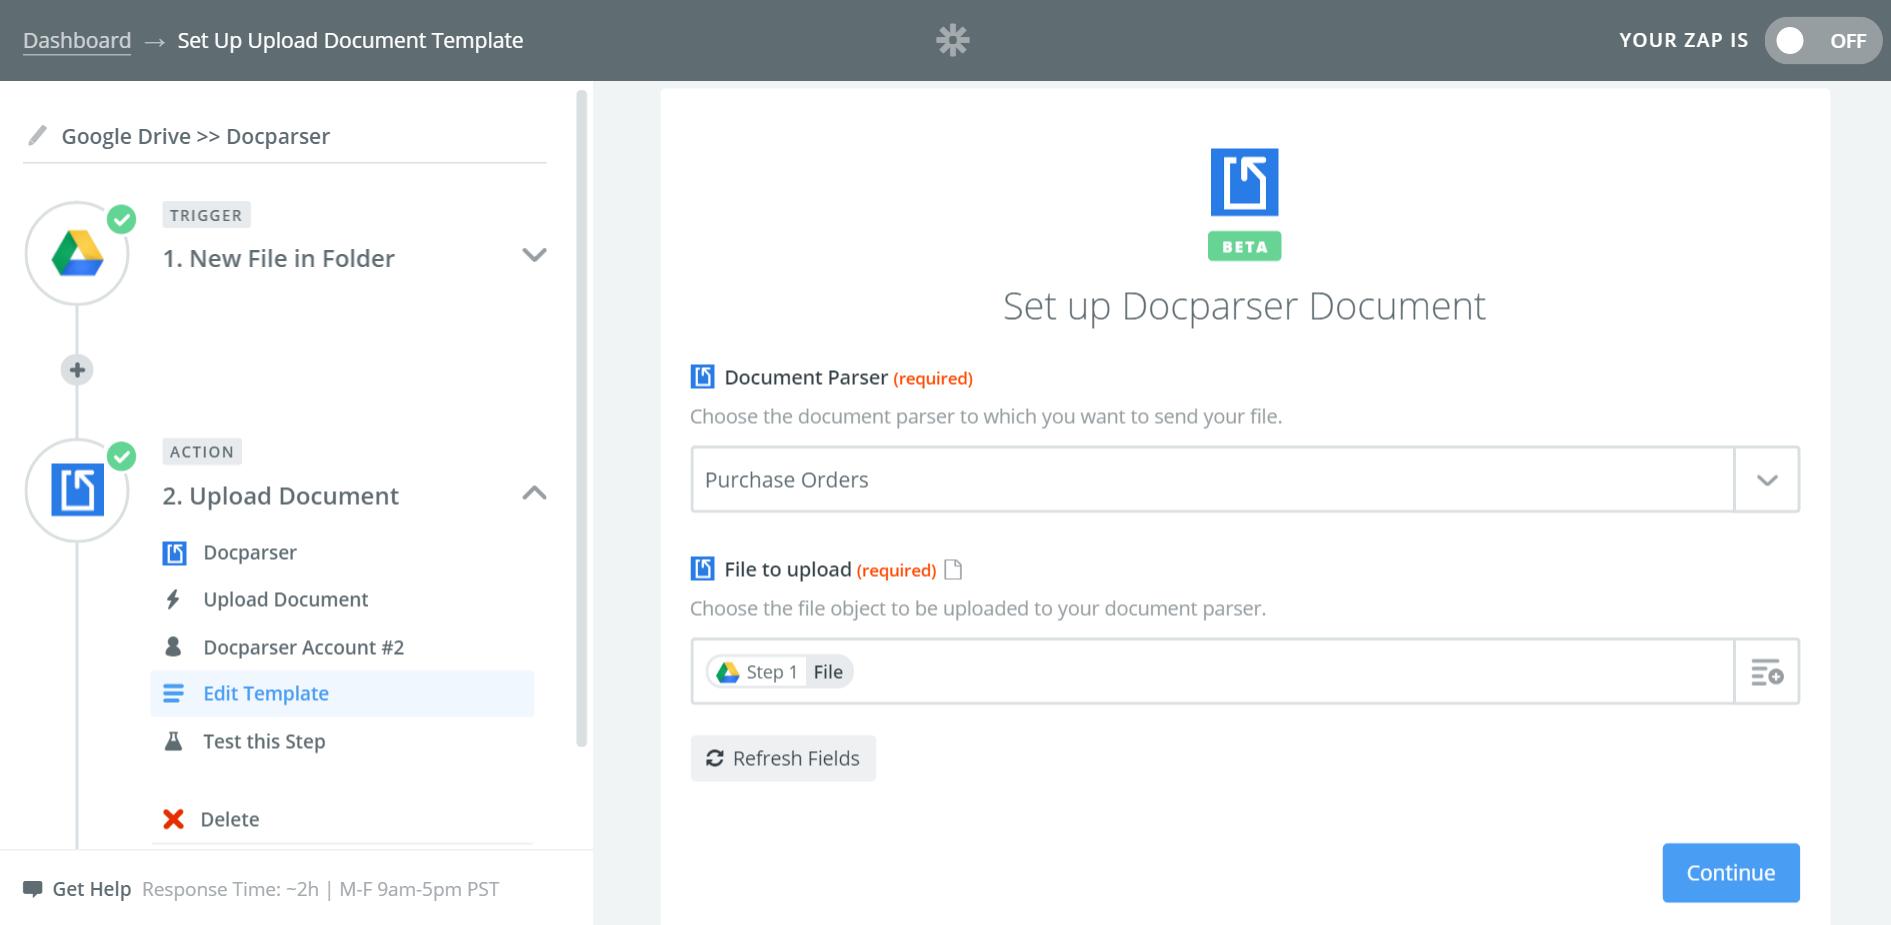 Docparser - Integration Help & Support | Zapier